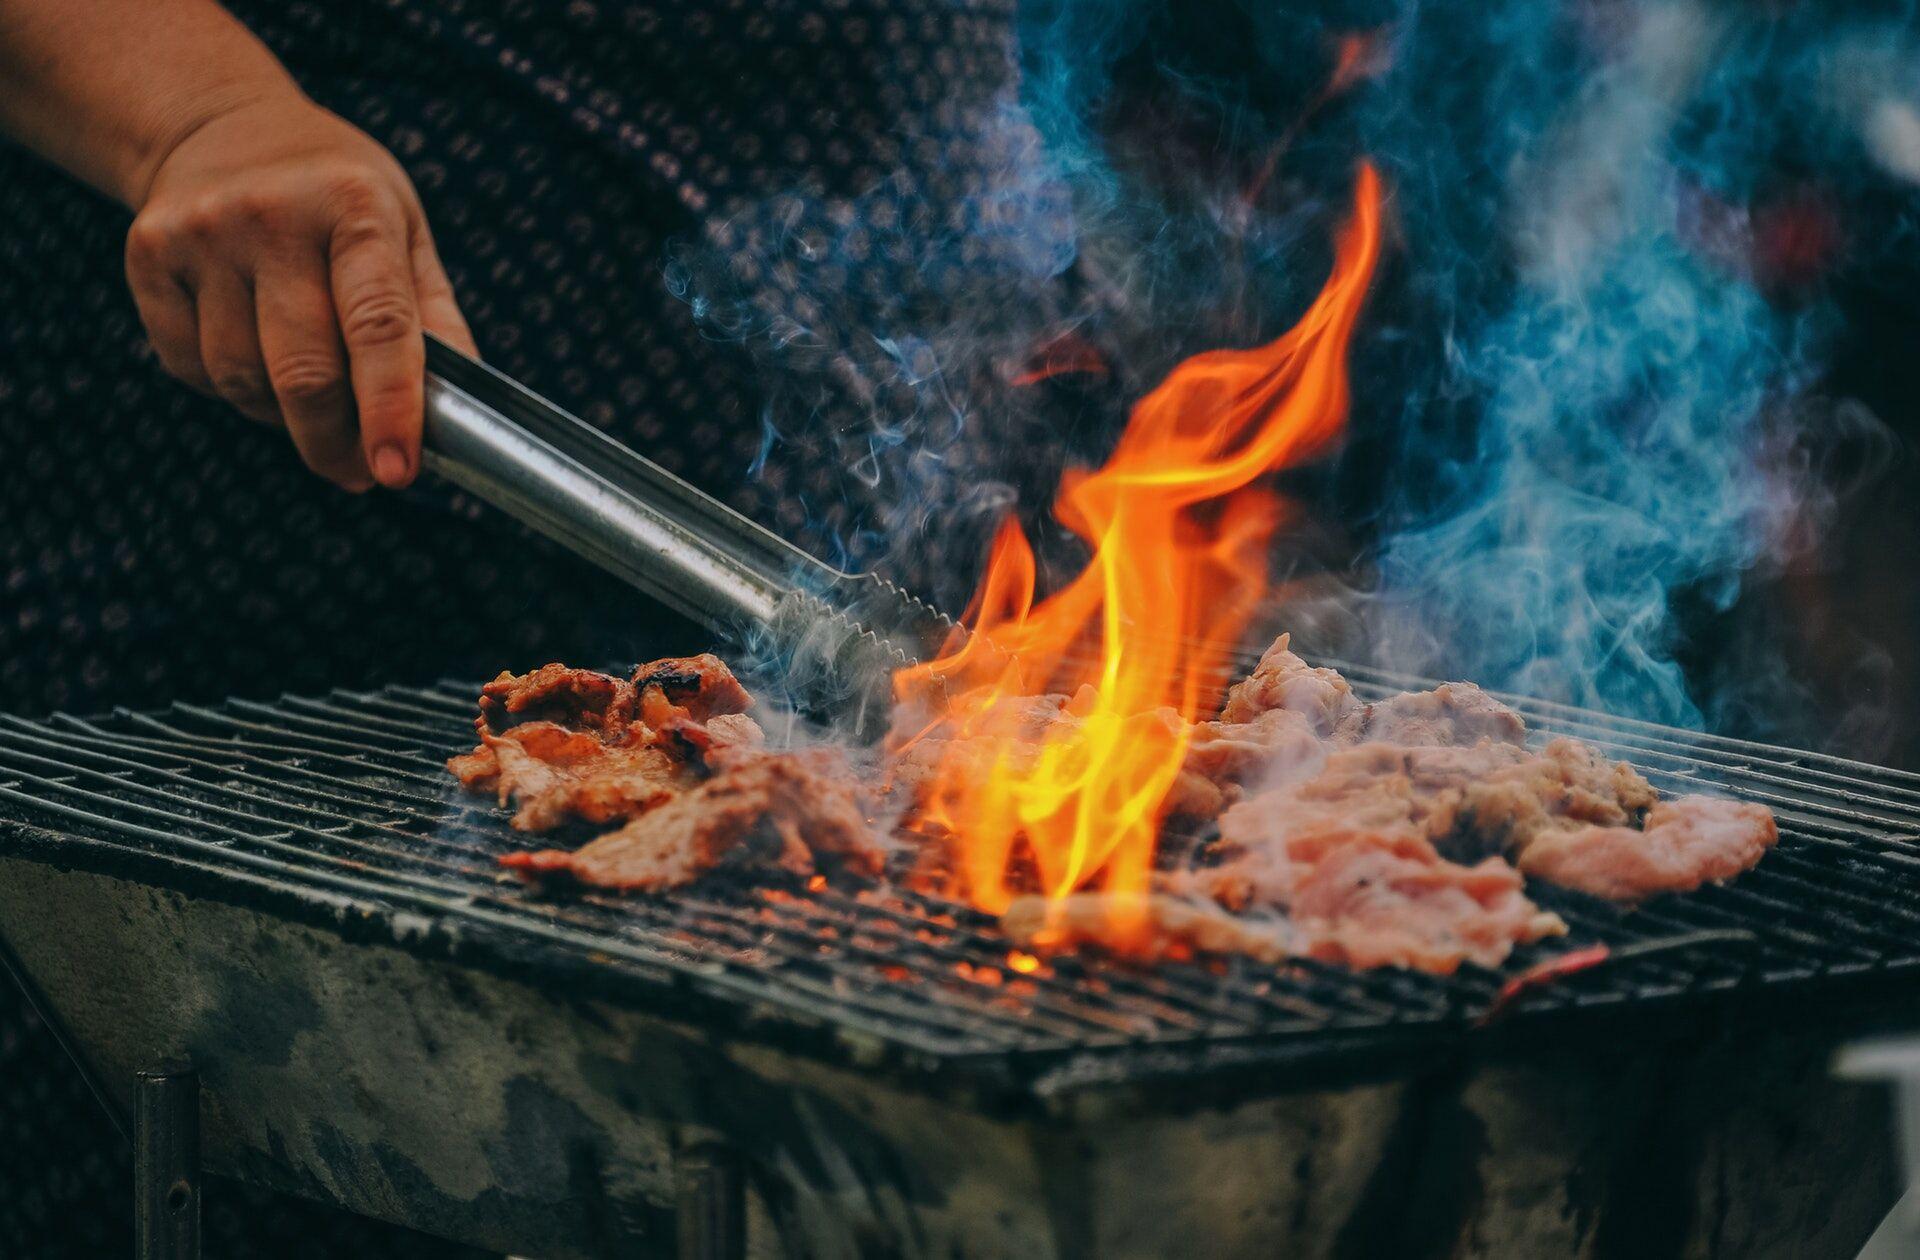 BBQ BBQ GRILL BLUR.jpeg